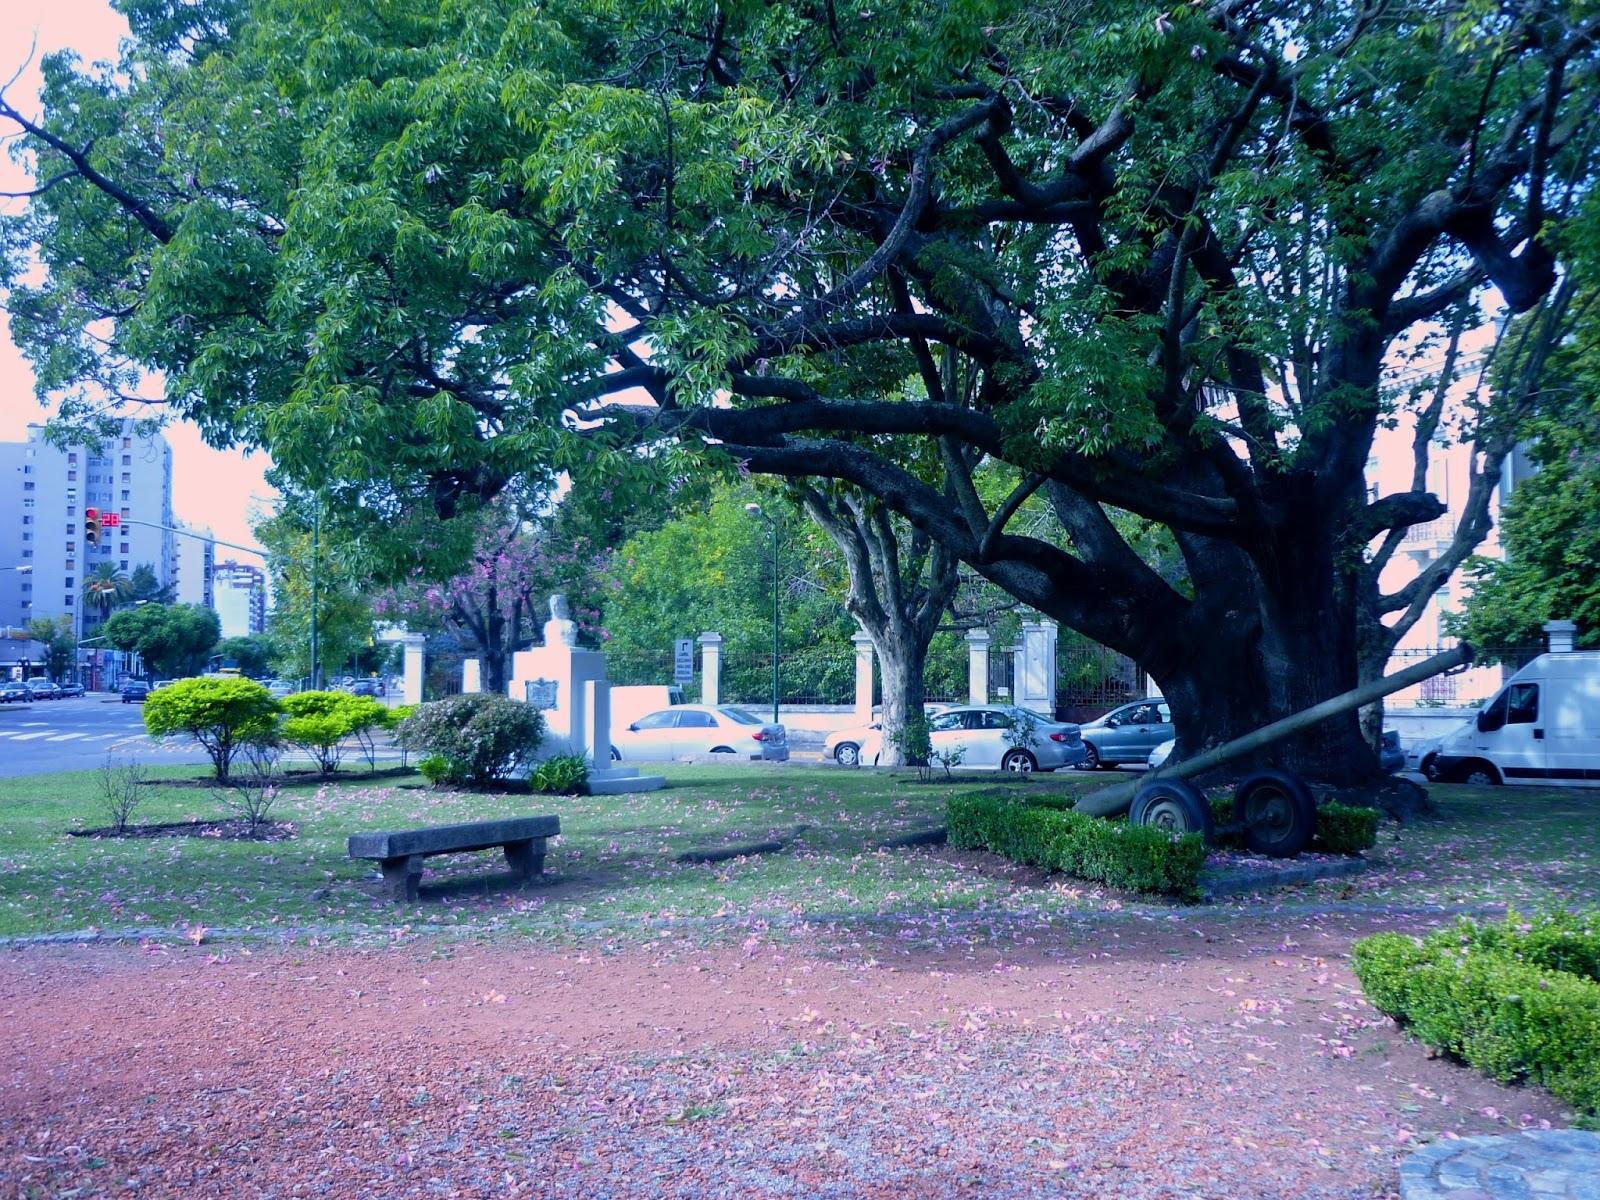 Plazas y monumentos de San Isidro: Plaza Remedios de Escalada ...